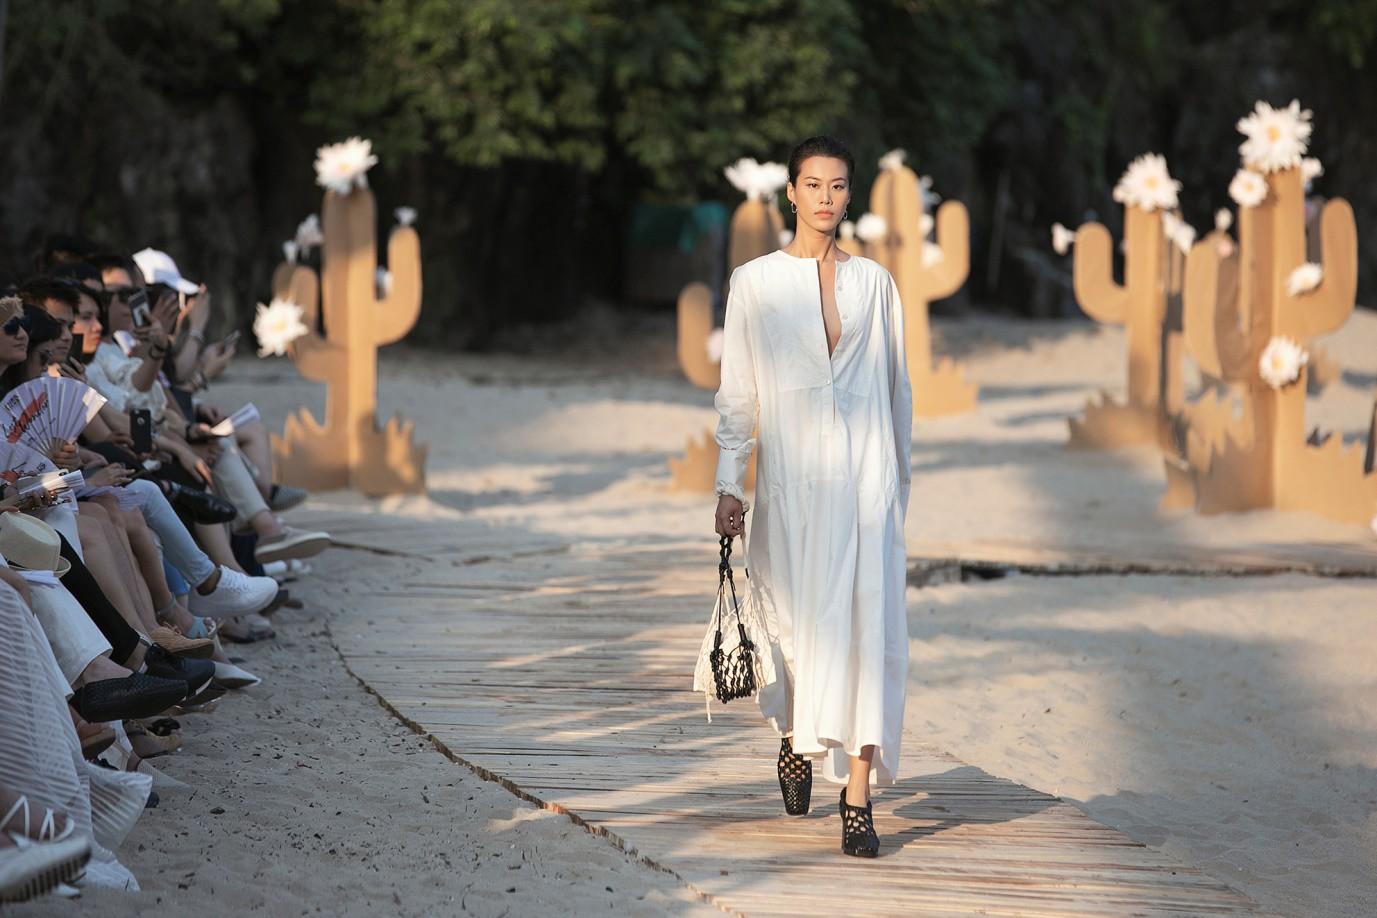 Nhìn lại những dấu ấn khó quên của Fashion Voyage mùa 2 - Ảnh 5.